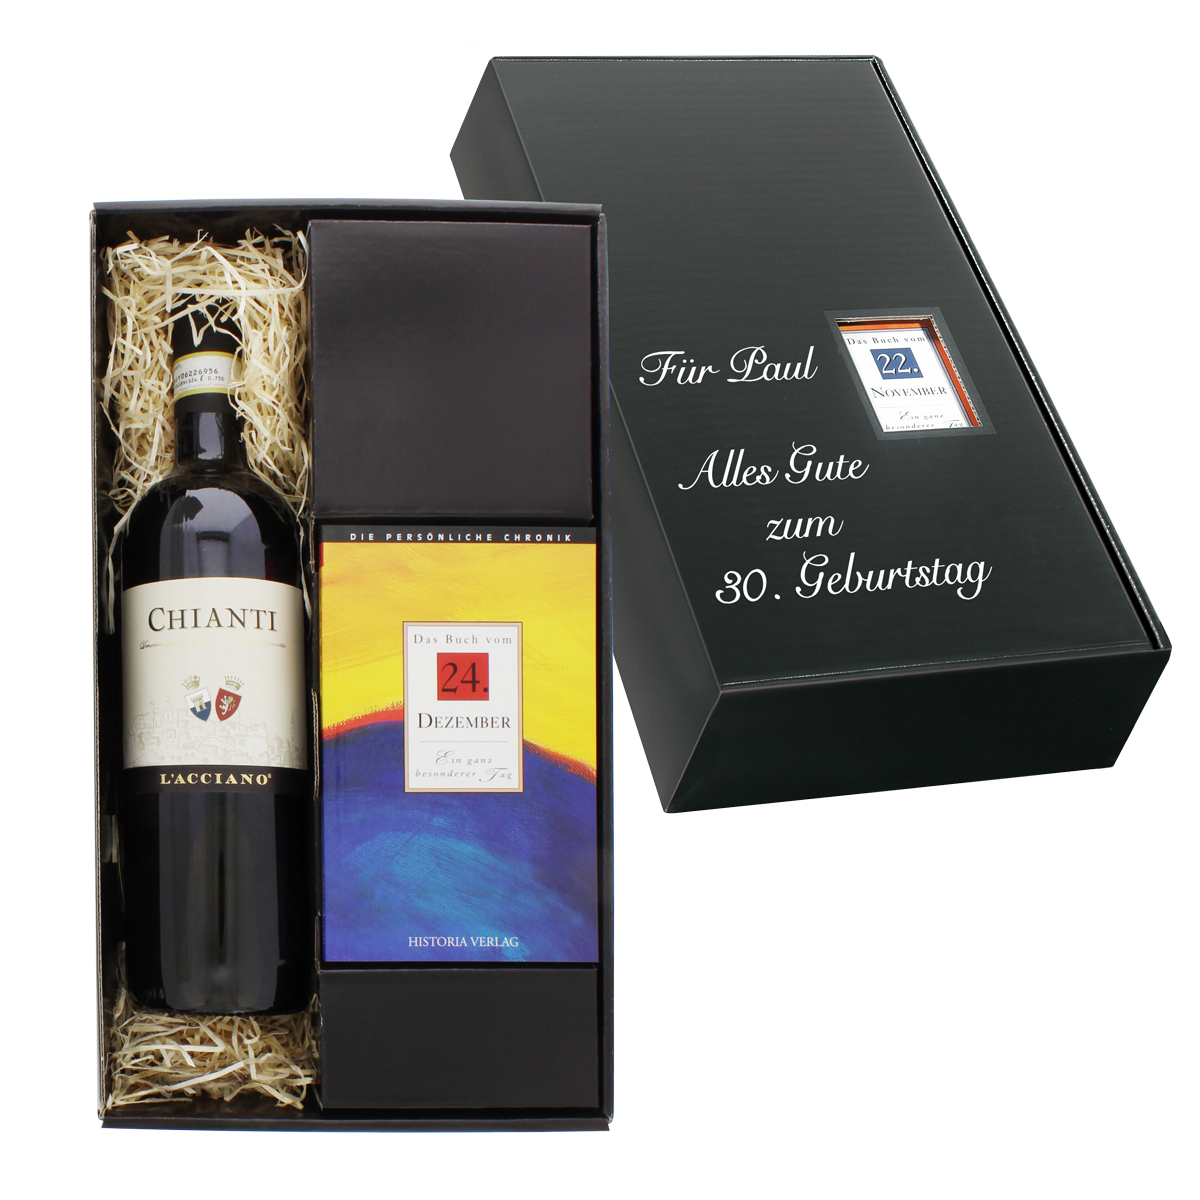 Italien-Set: Tageschronik vom 14. M?rz & Chianti-Wein